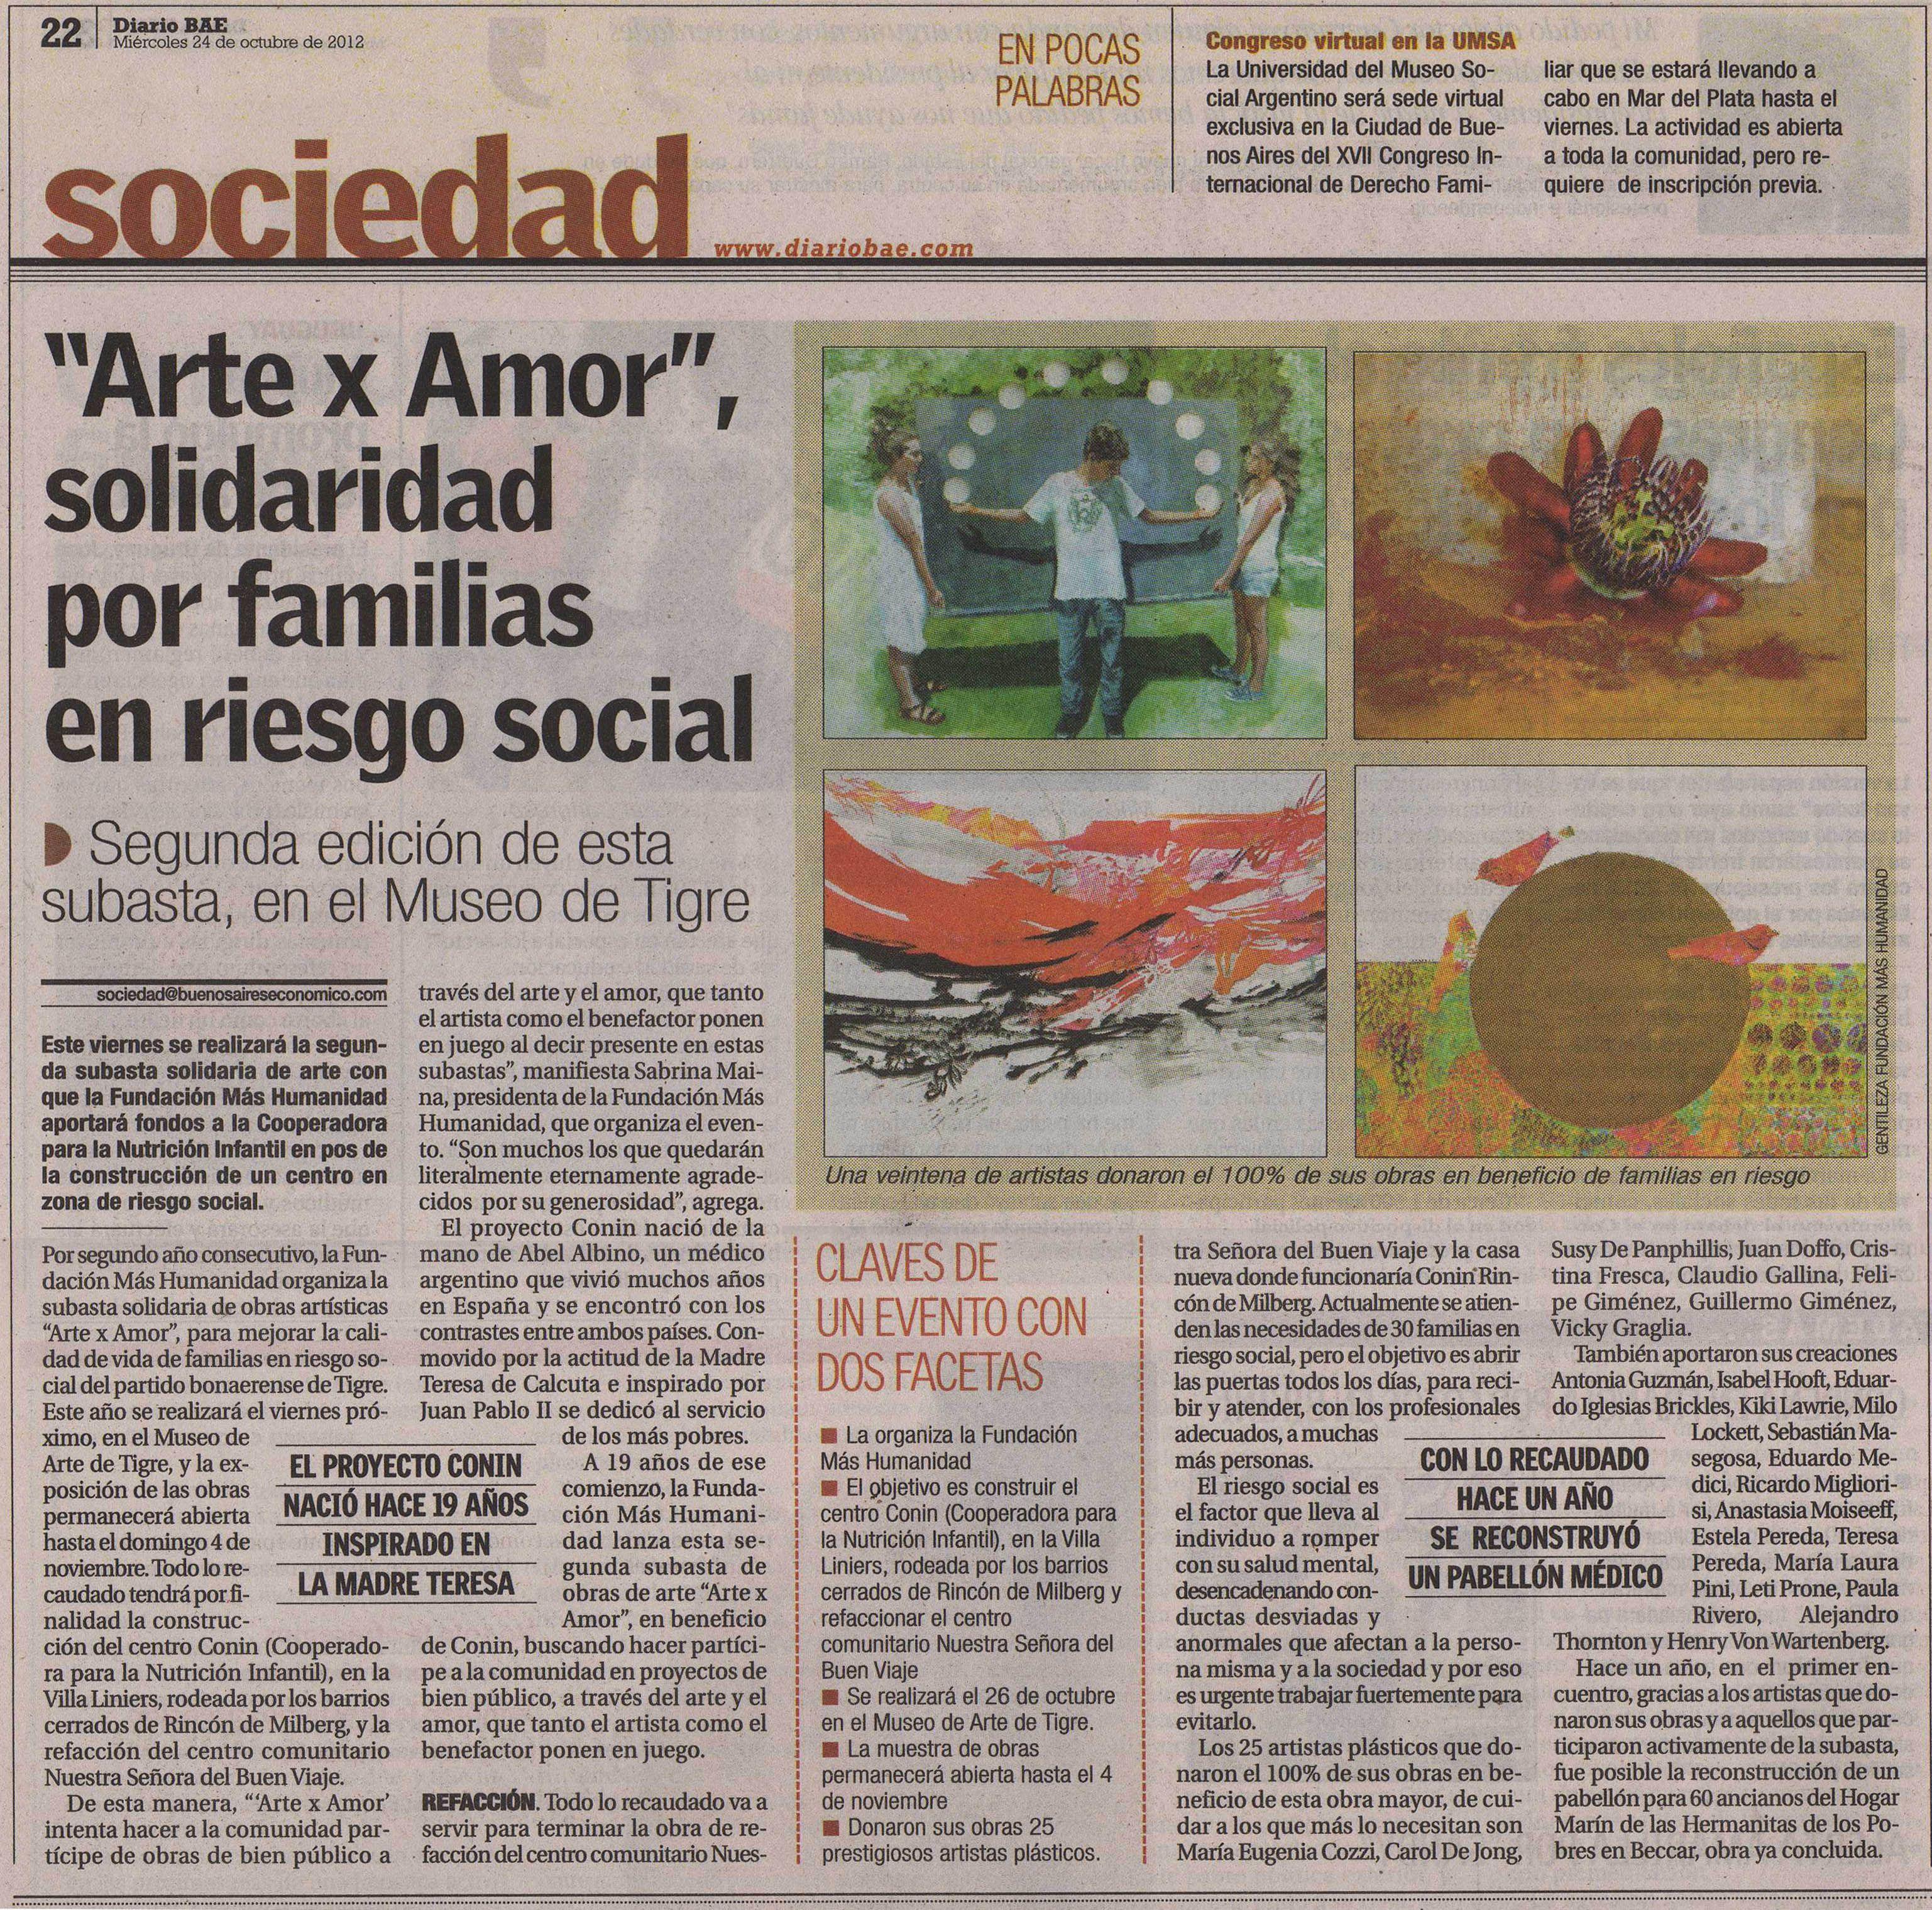 ARTE X AMOR. Fundación Conín. Rincón de Milberg.